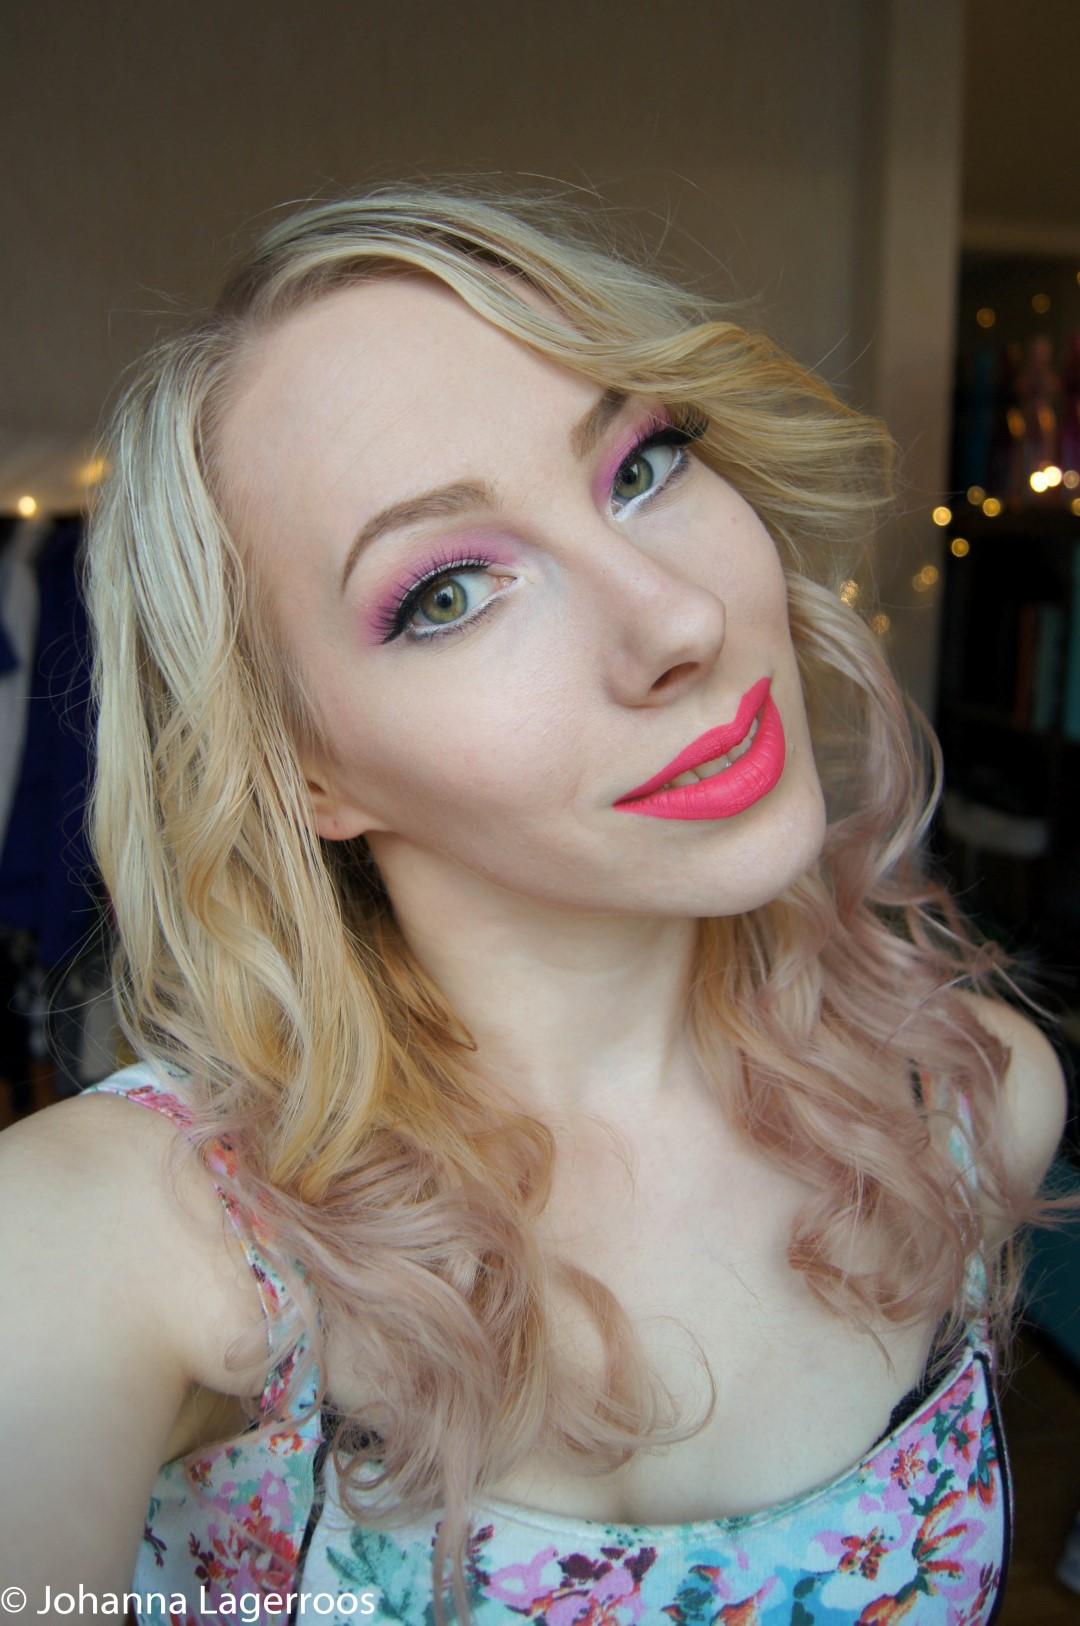 Girly makeup